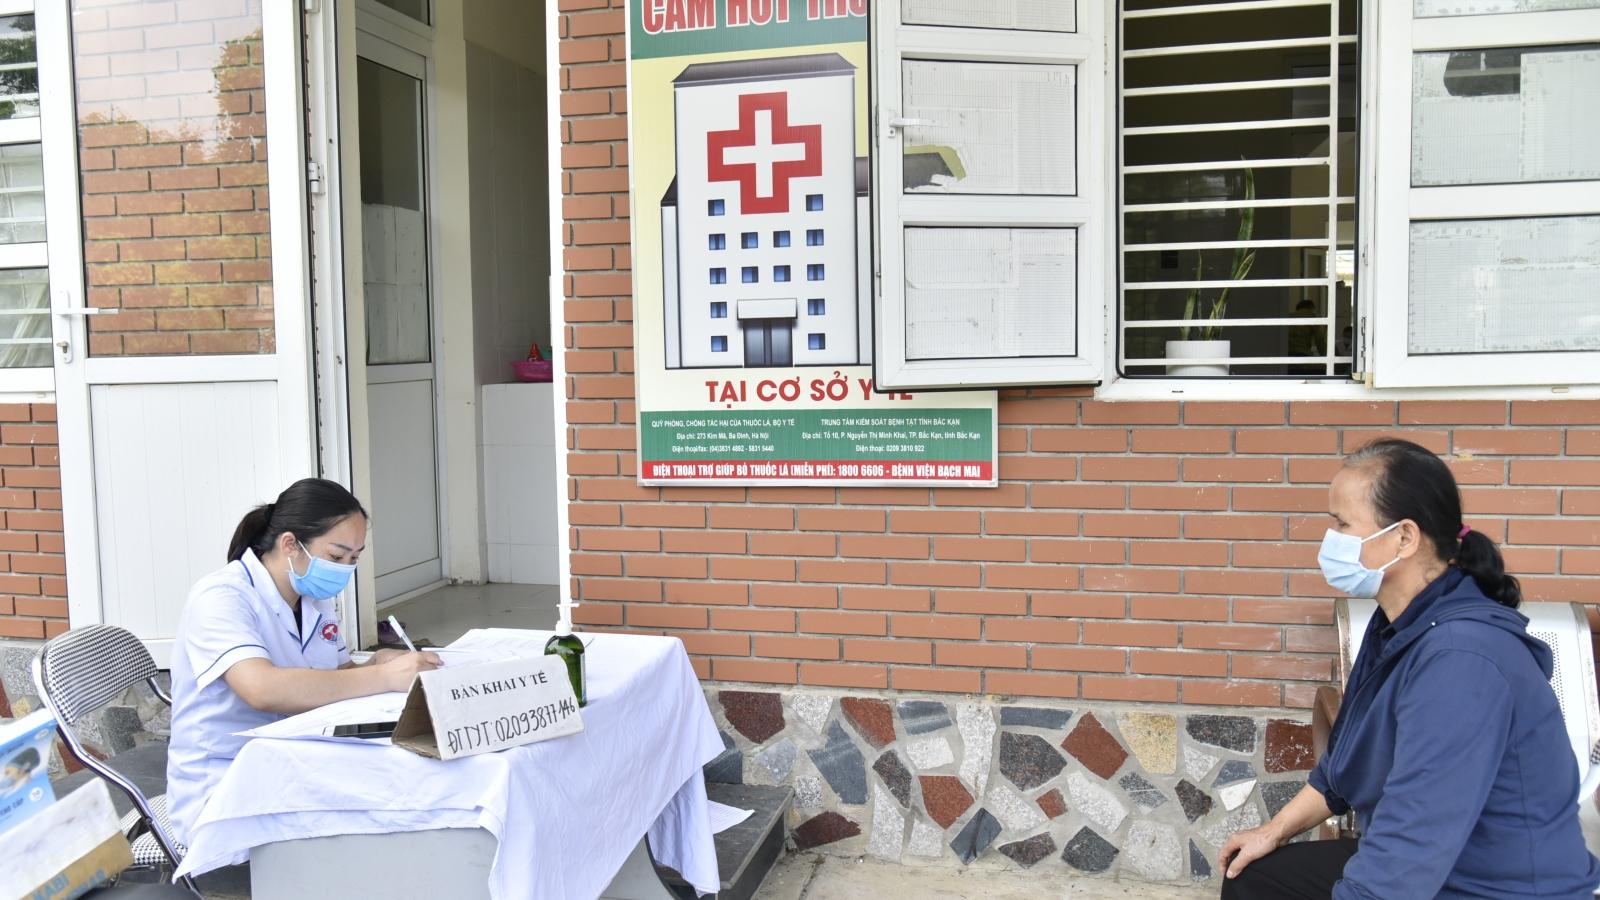 Bắc Kạn tái lập các chốt kiểm dịch y tế liên ngành phòng chống dịch Covid-19